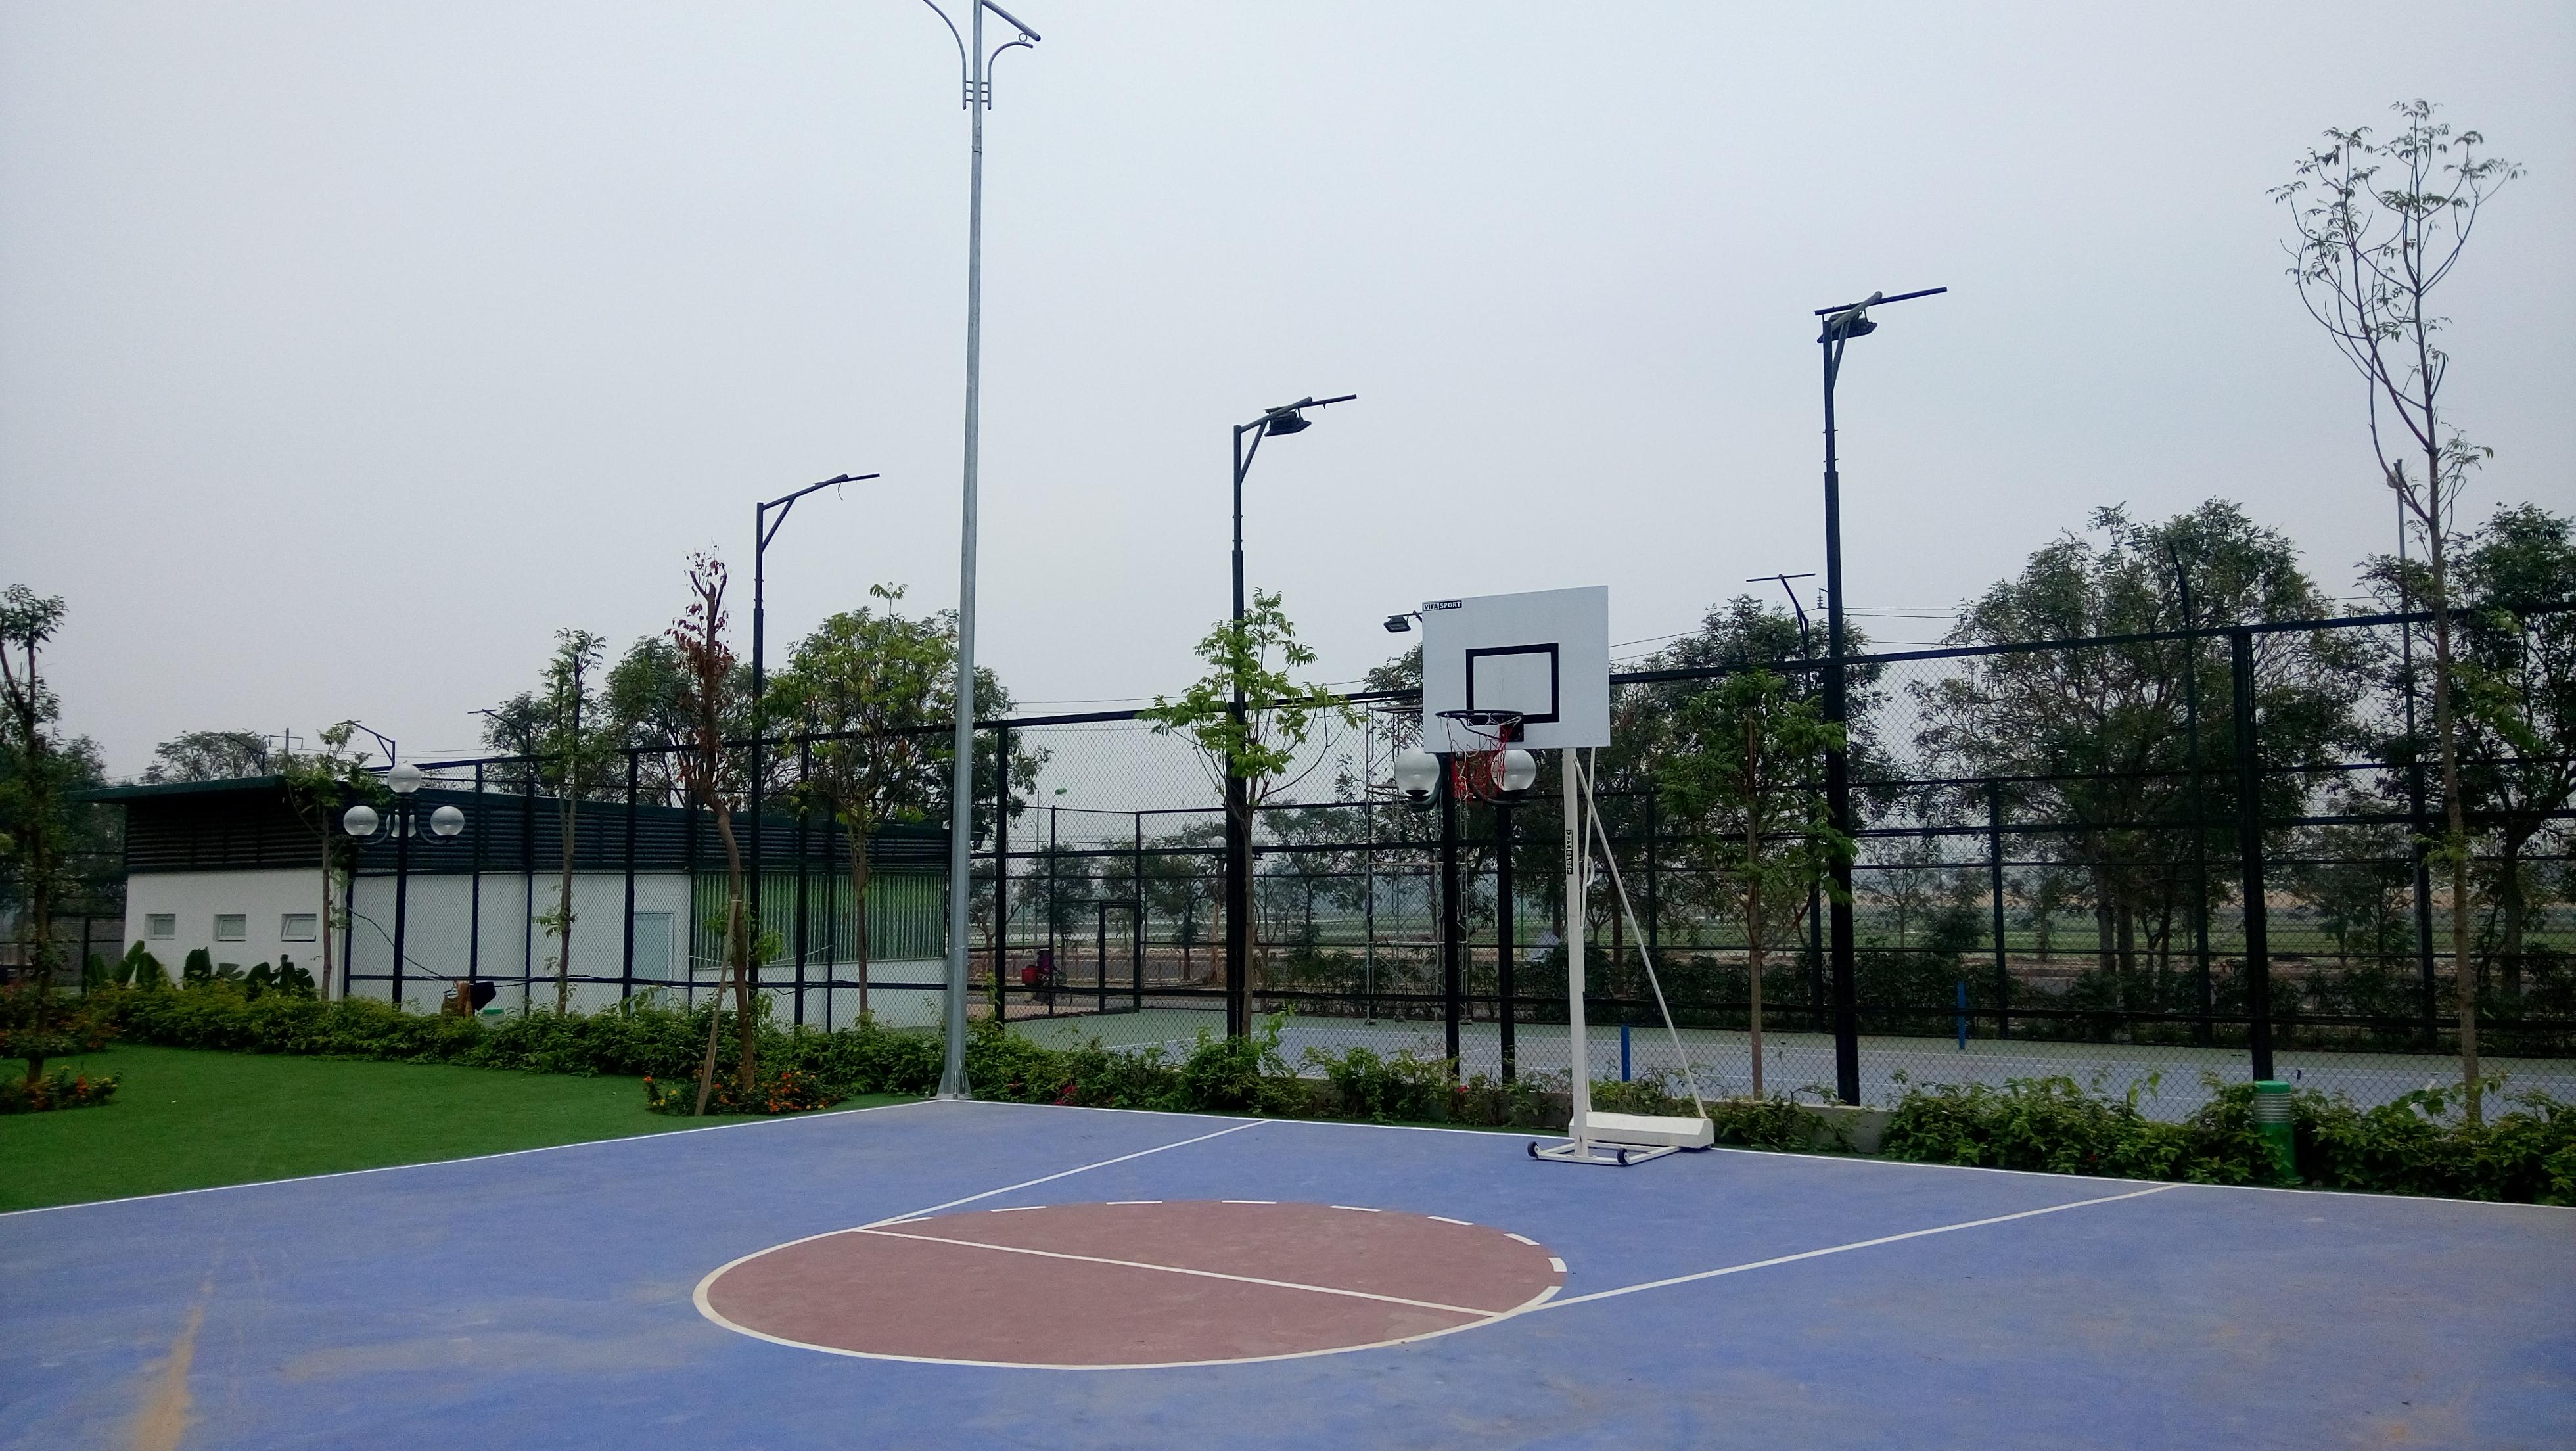 Sân bóng rổ tại tổ hợp Viethung Green Park